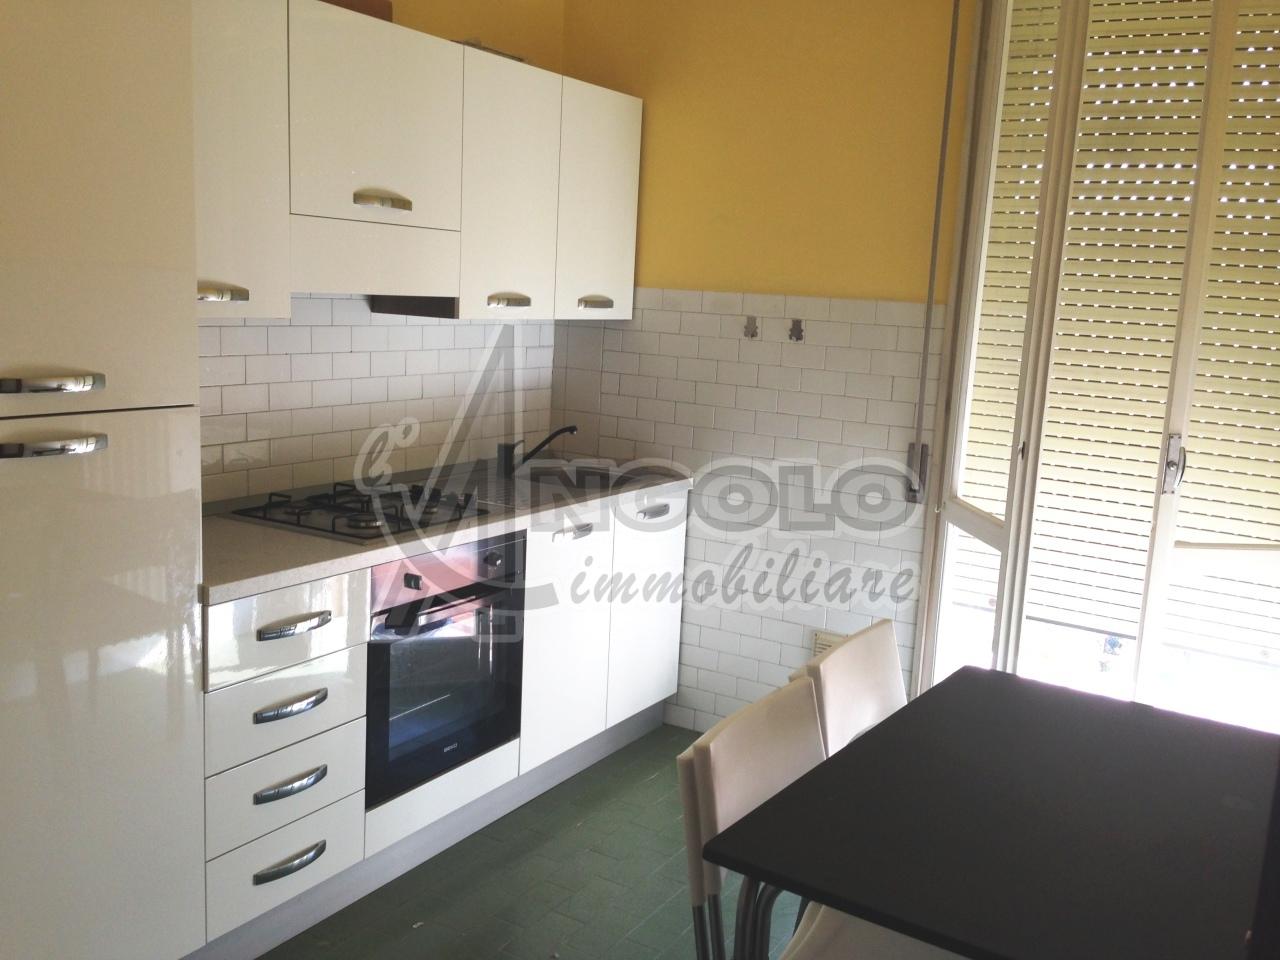 Appartamento in vendita a Occhiobello, 4 locali, prezzo € 35.000 | Cambio Casa.it